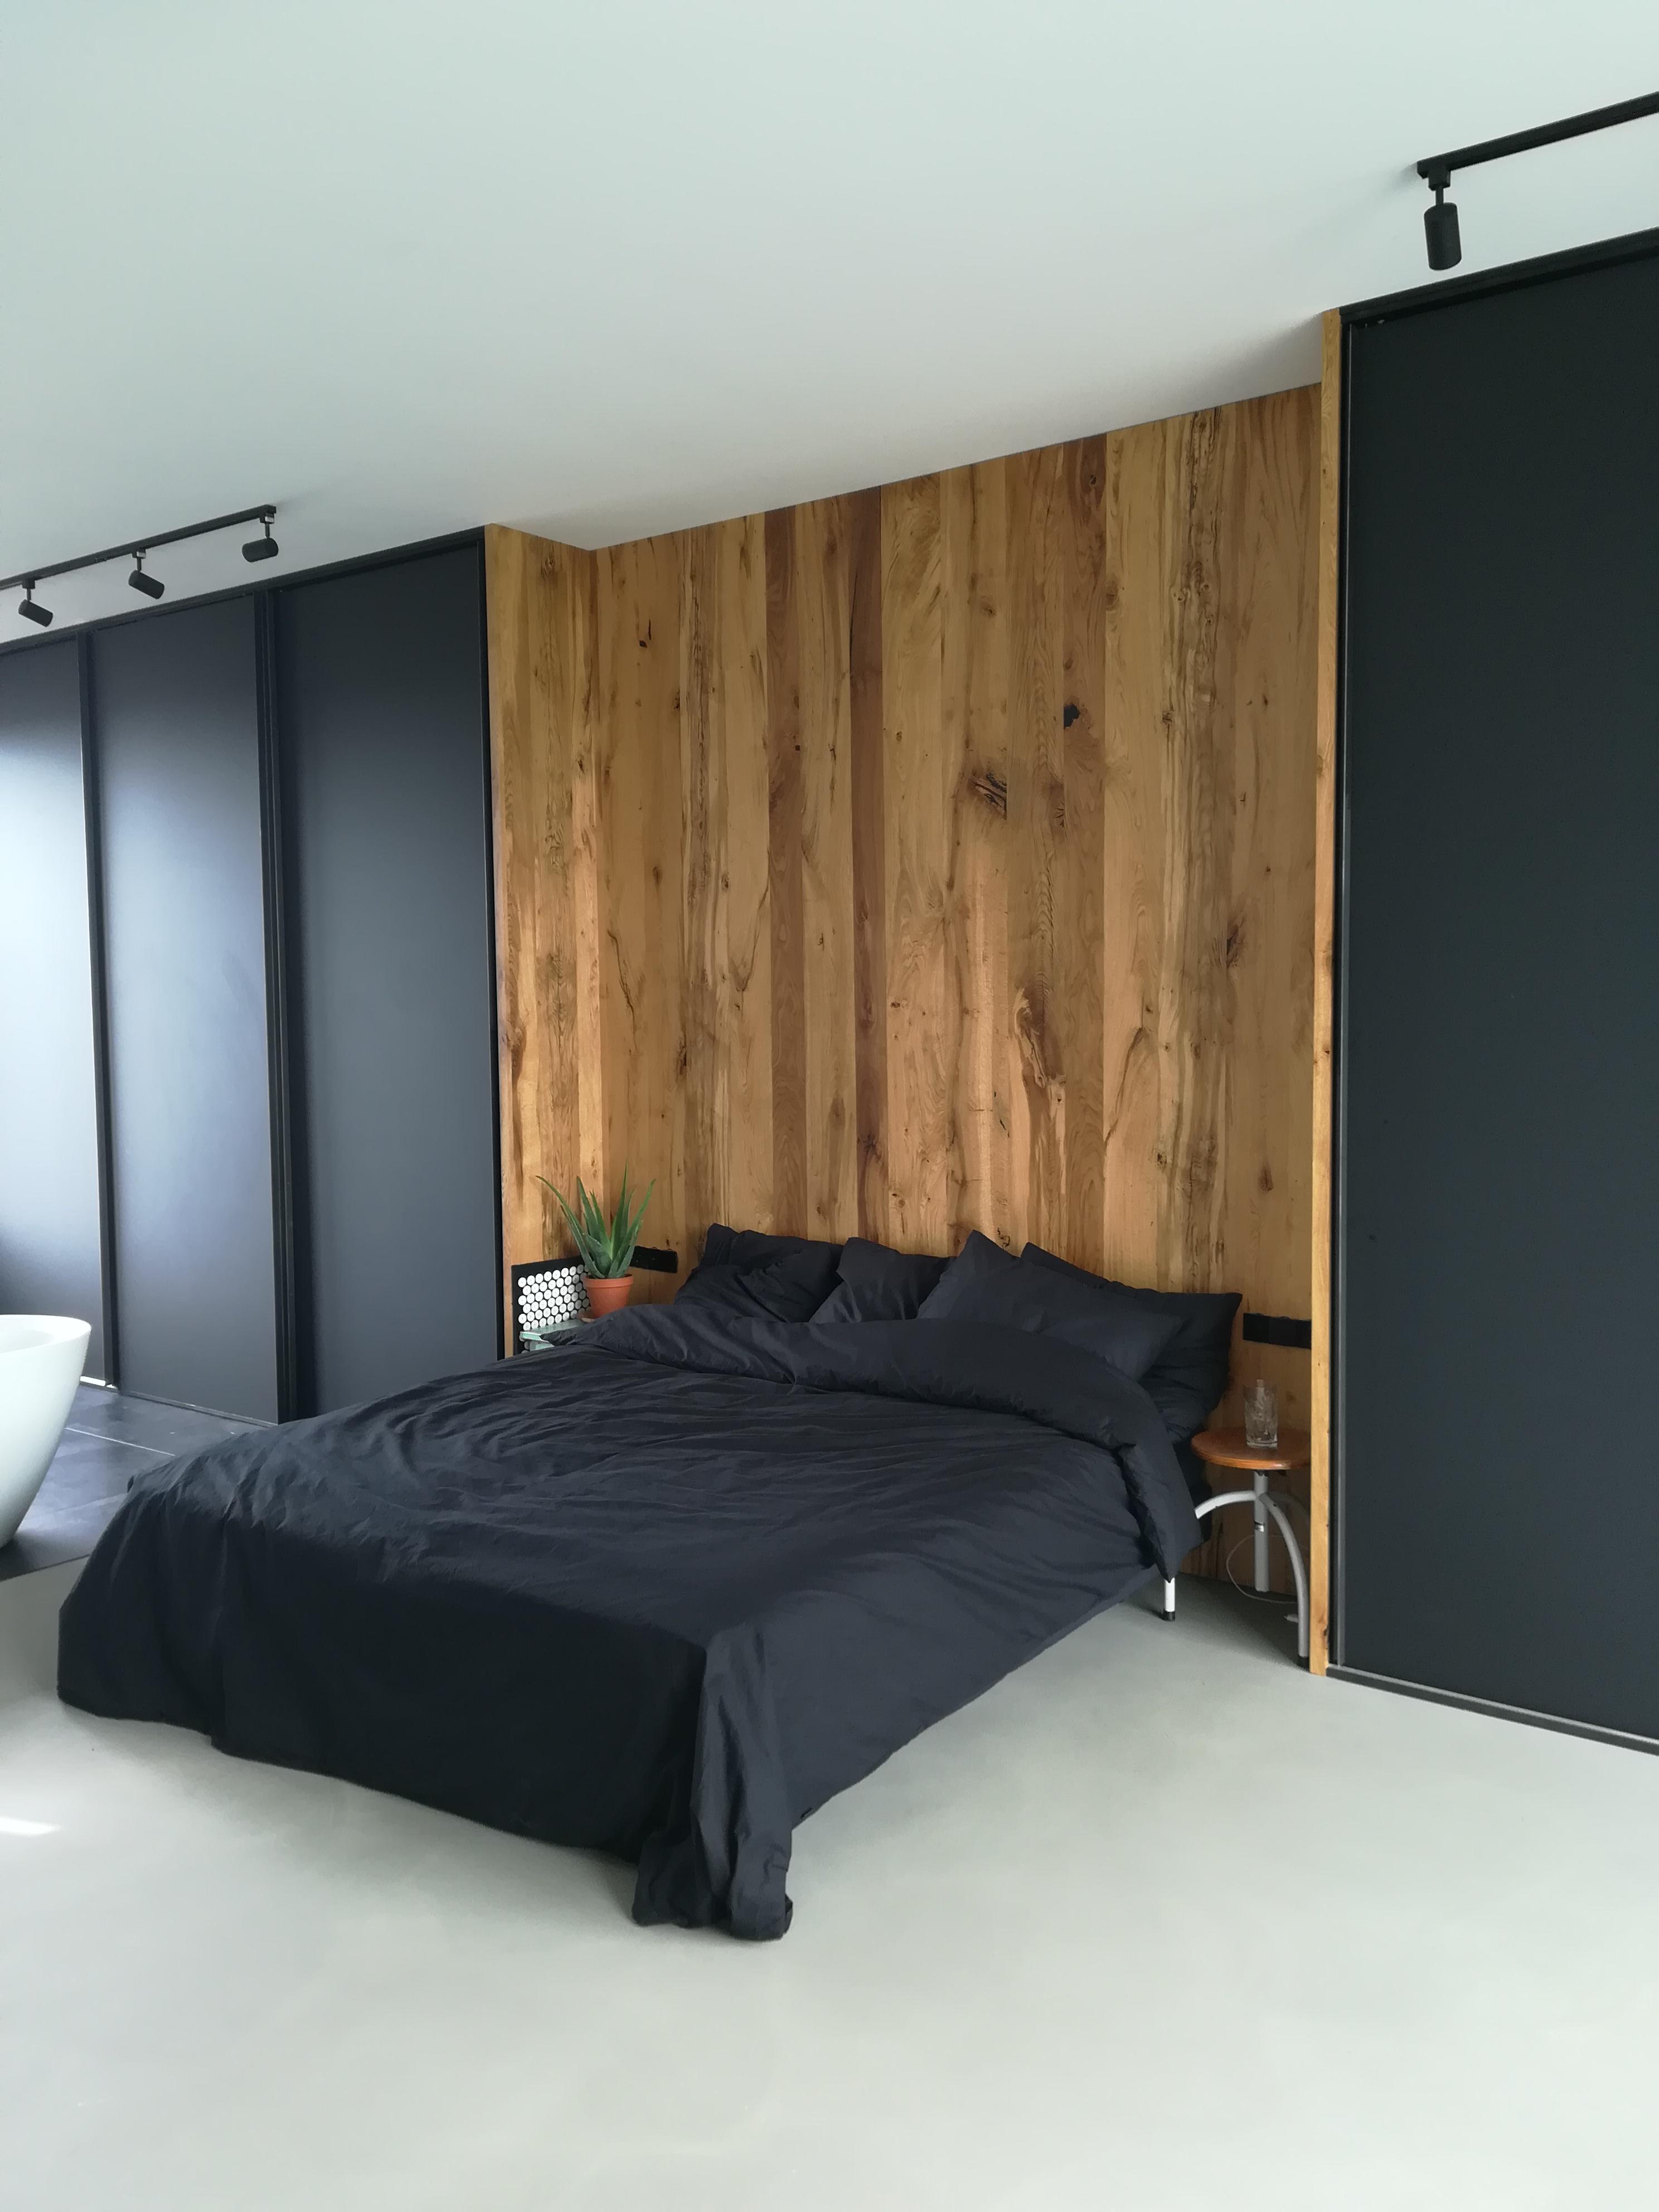 Wandmeubel Voor Badkamer.Slaapkamer Met Wandkasten En Open Badkamer 2d W